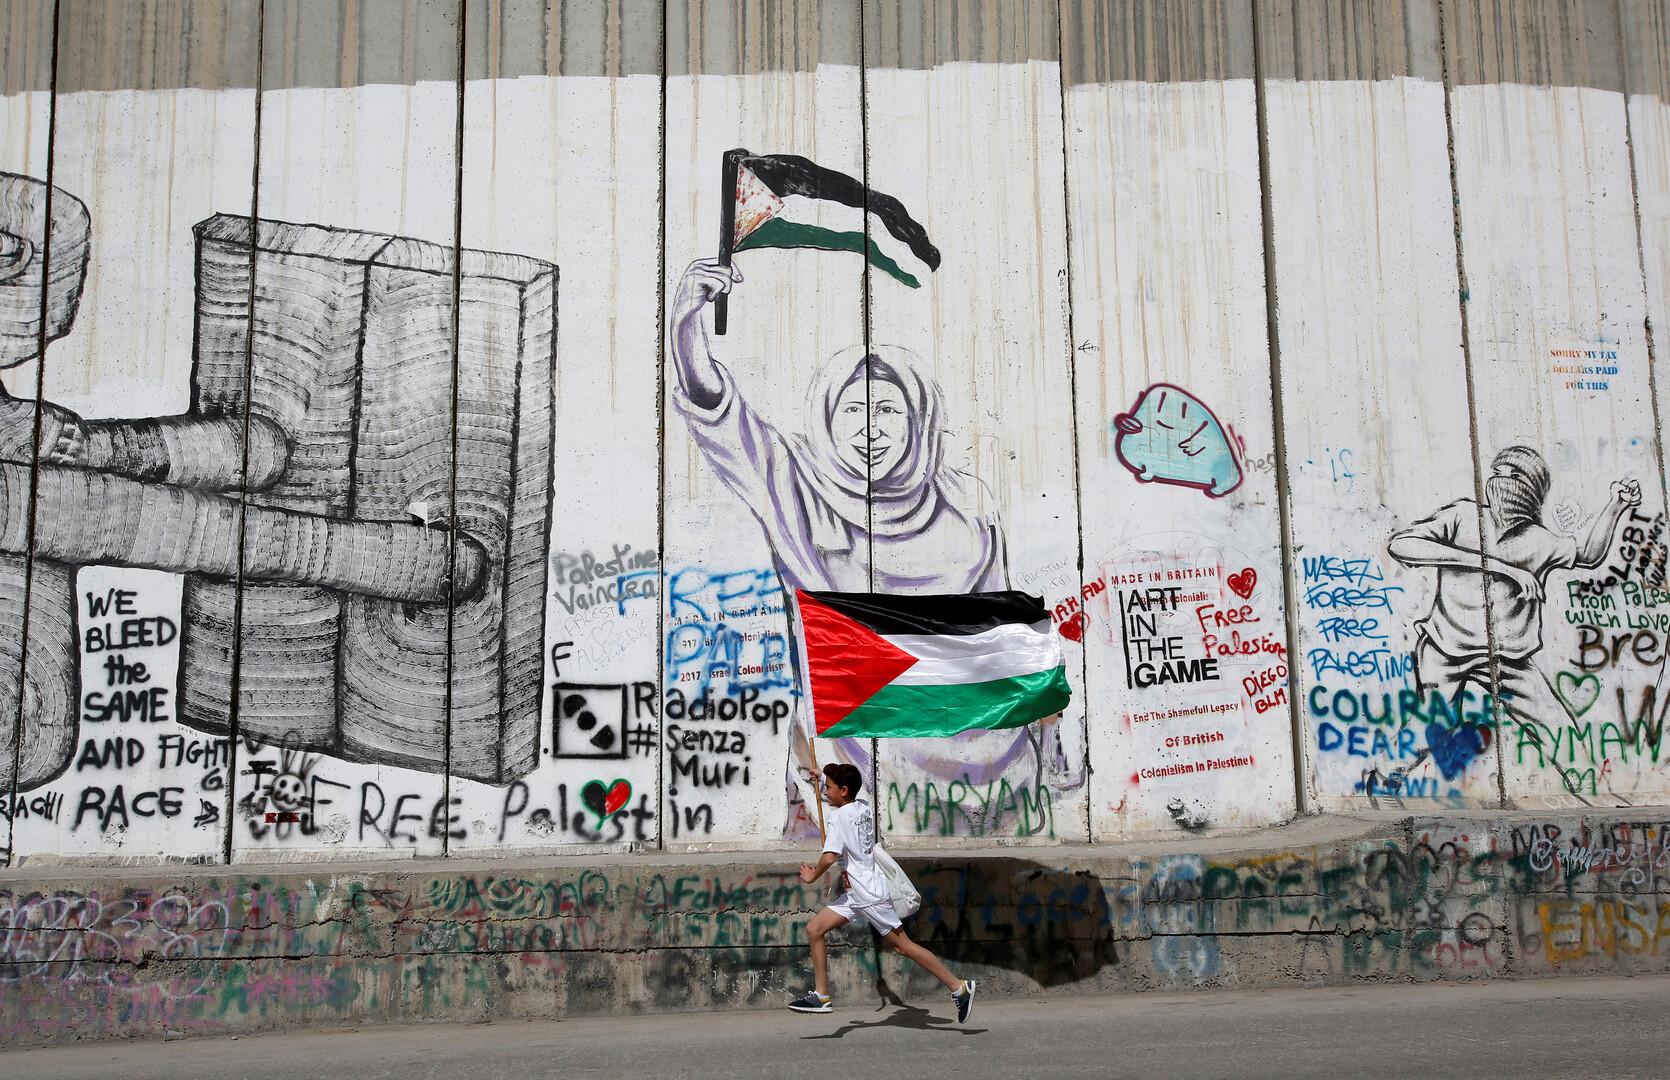 إسرائيل ستحول 518 مليون دولار من أموال الضرائب المتراكمة للسلطة الفلسطينية